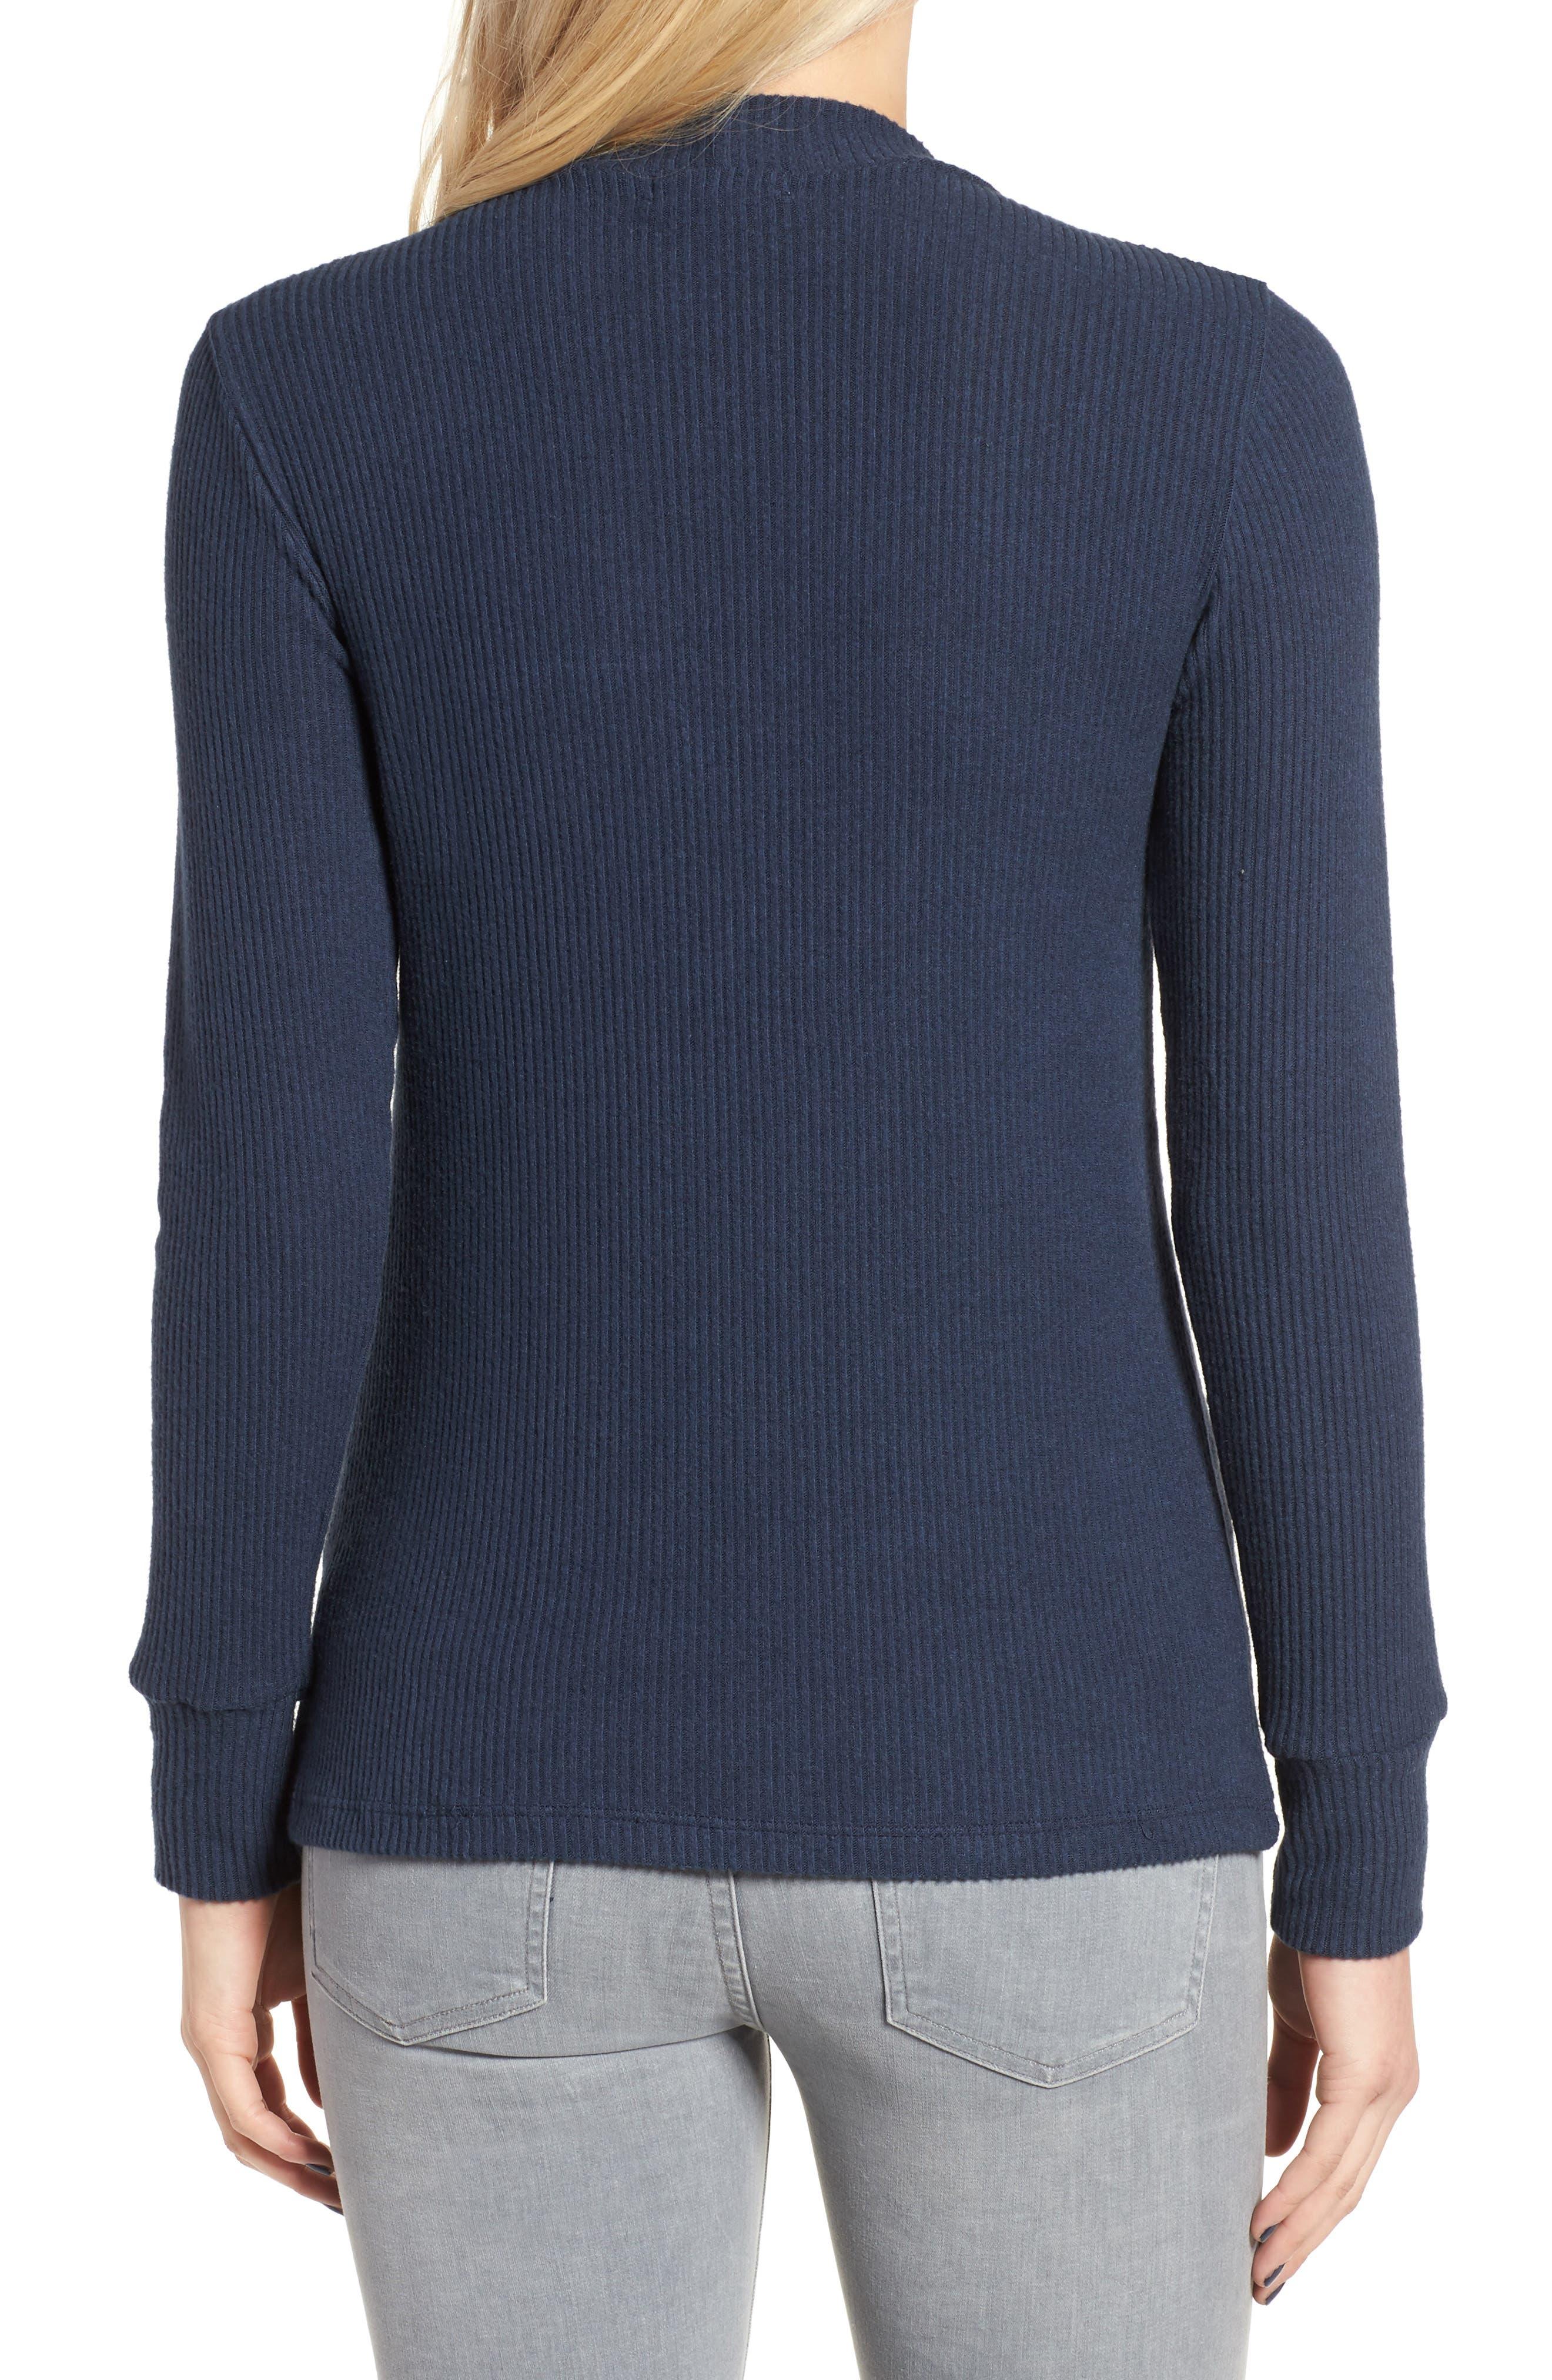 Alternate Image 2  - LNA Bardot Cutout Sweater